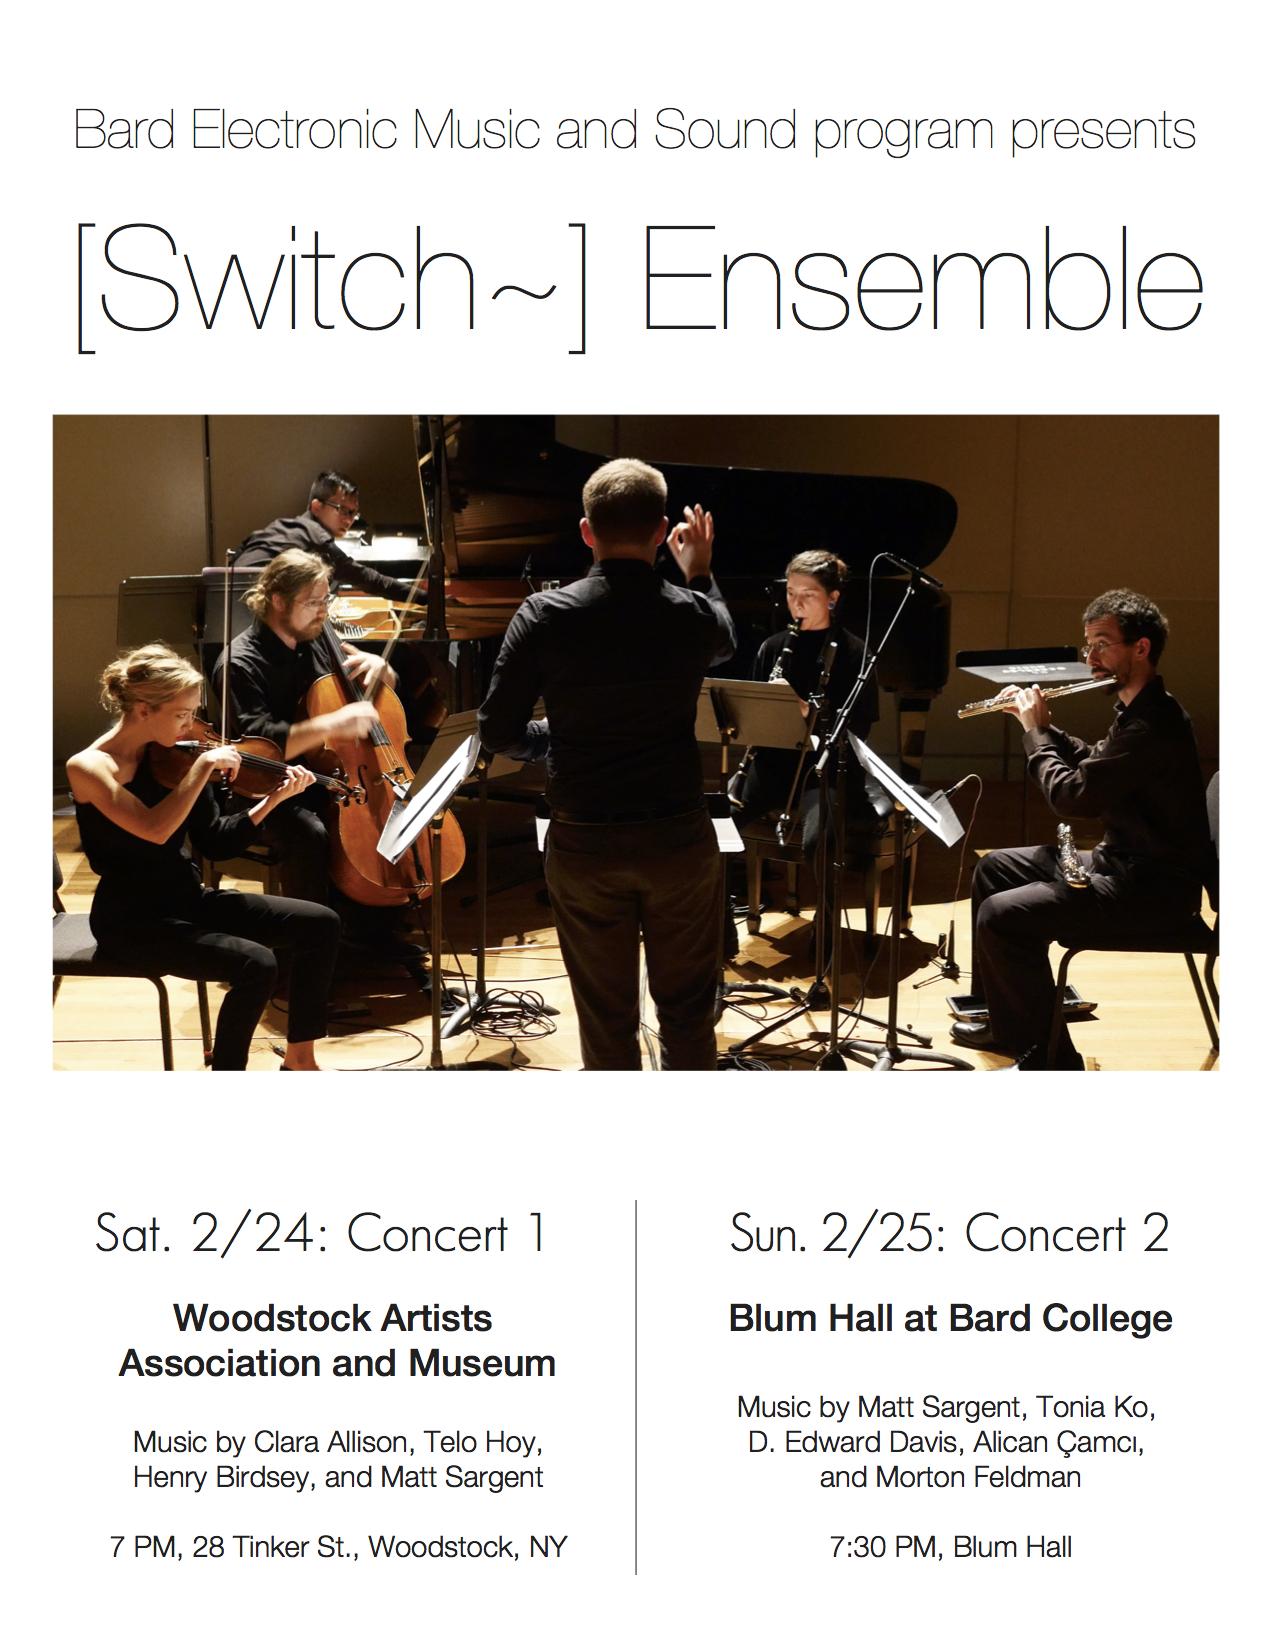 [Switch Ensemble, Electronic Music]